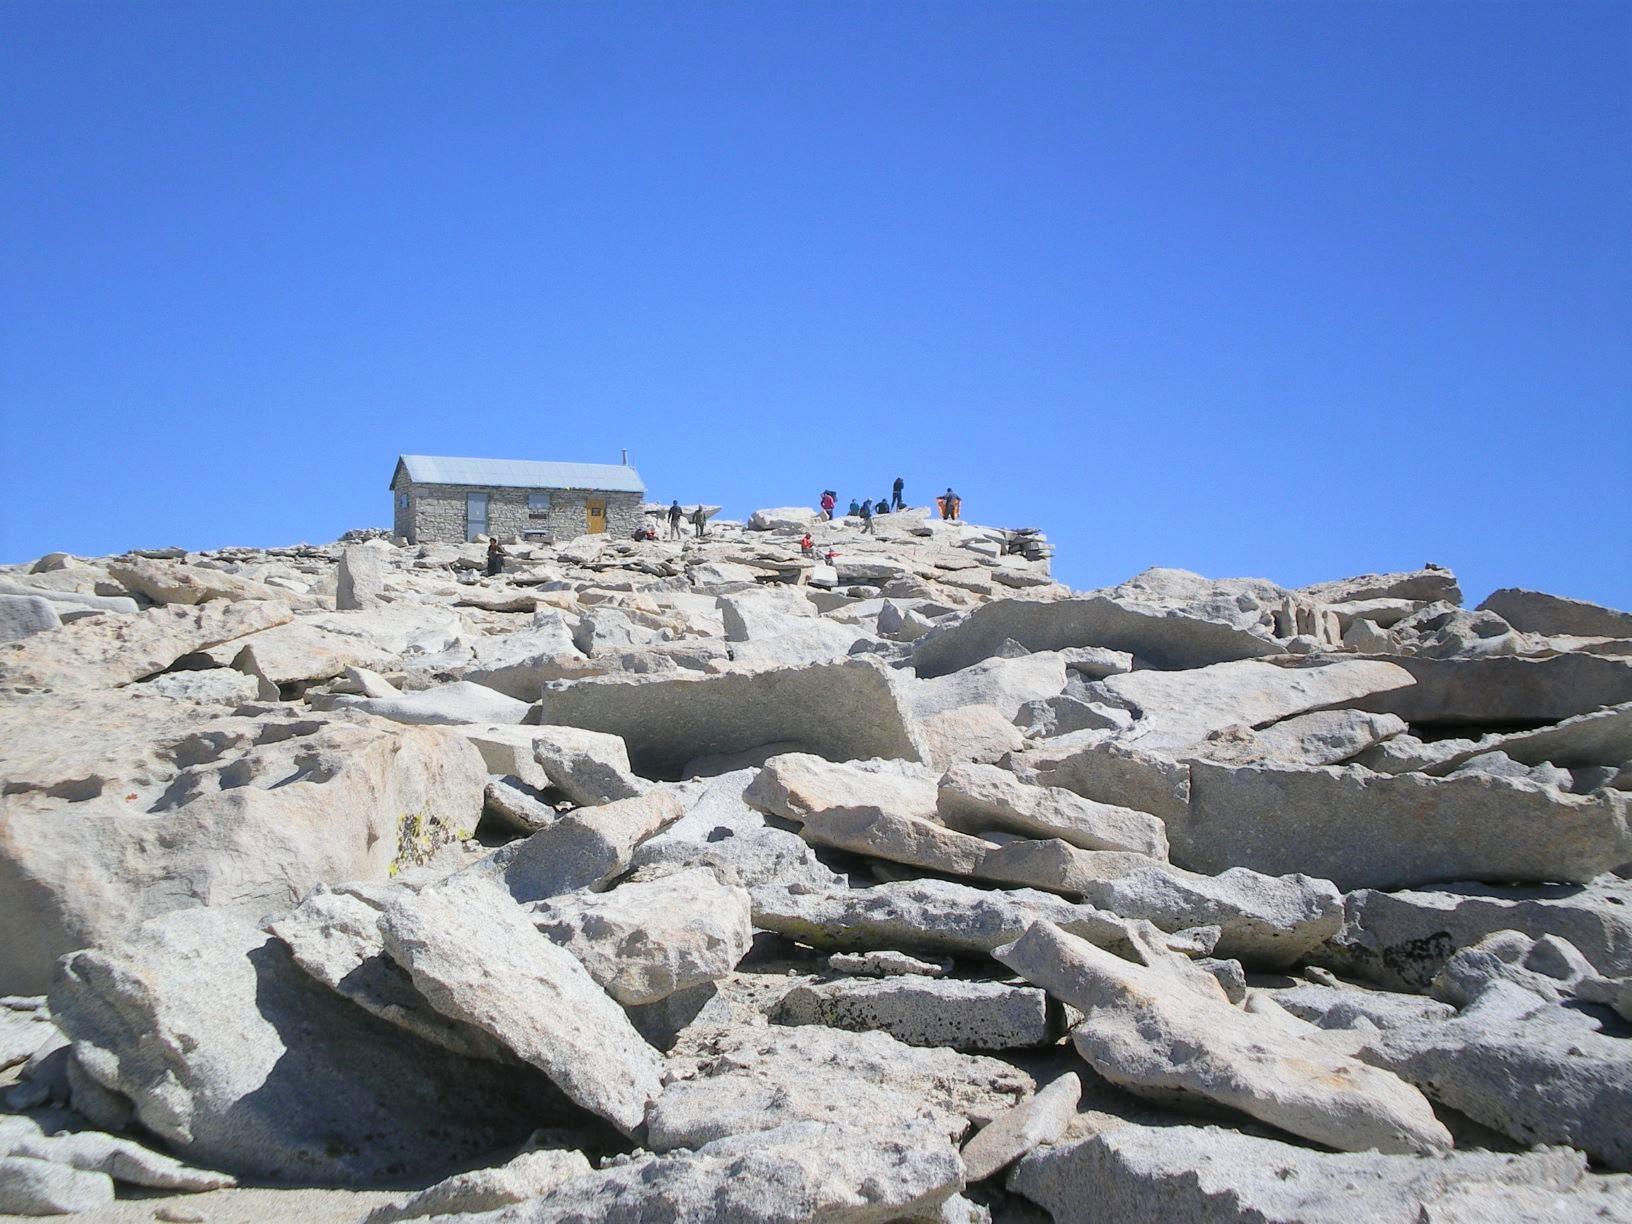 アメリカ本土最高峰の頂は目の前